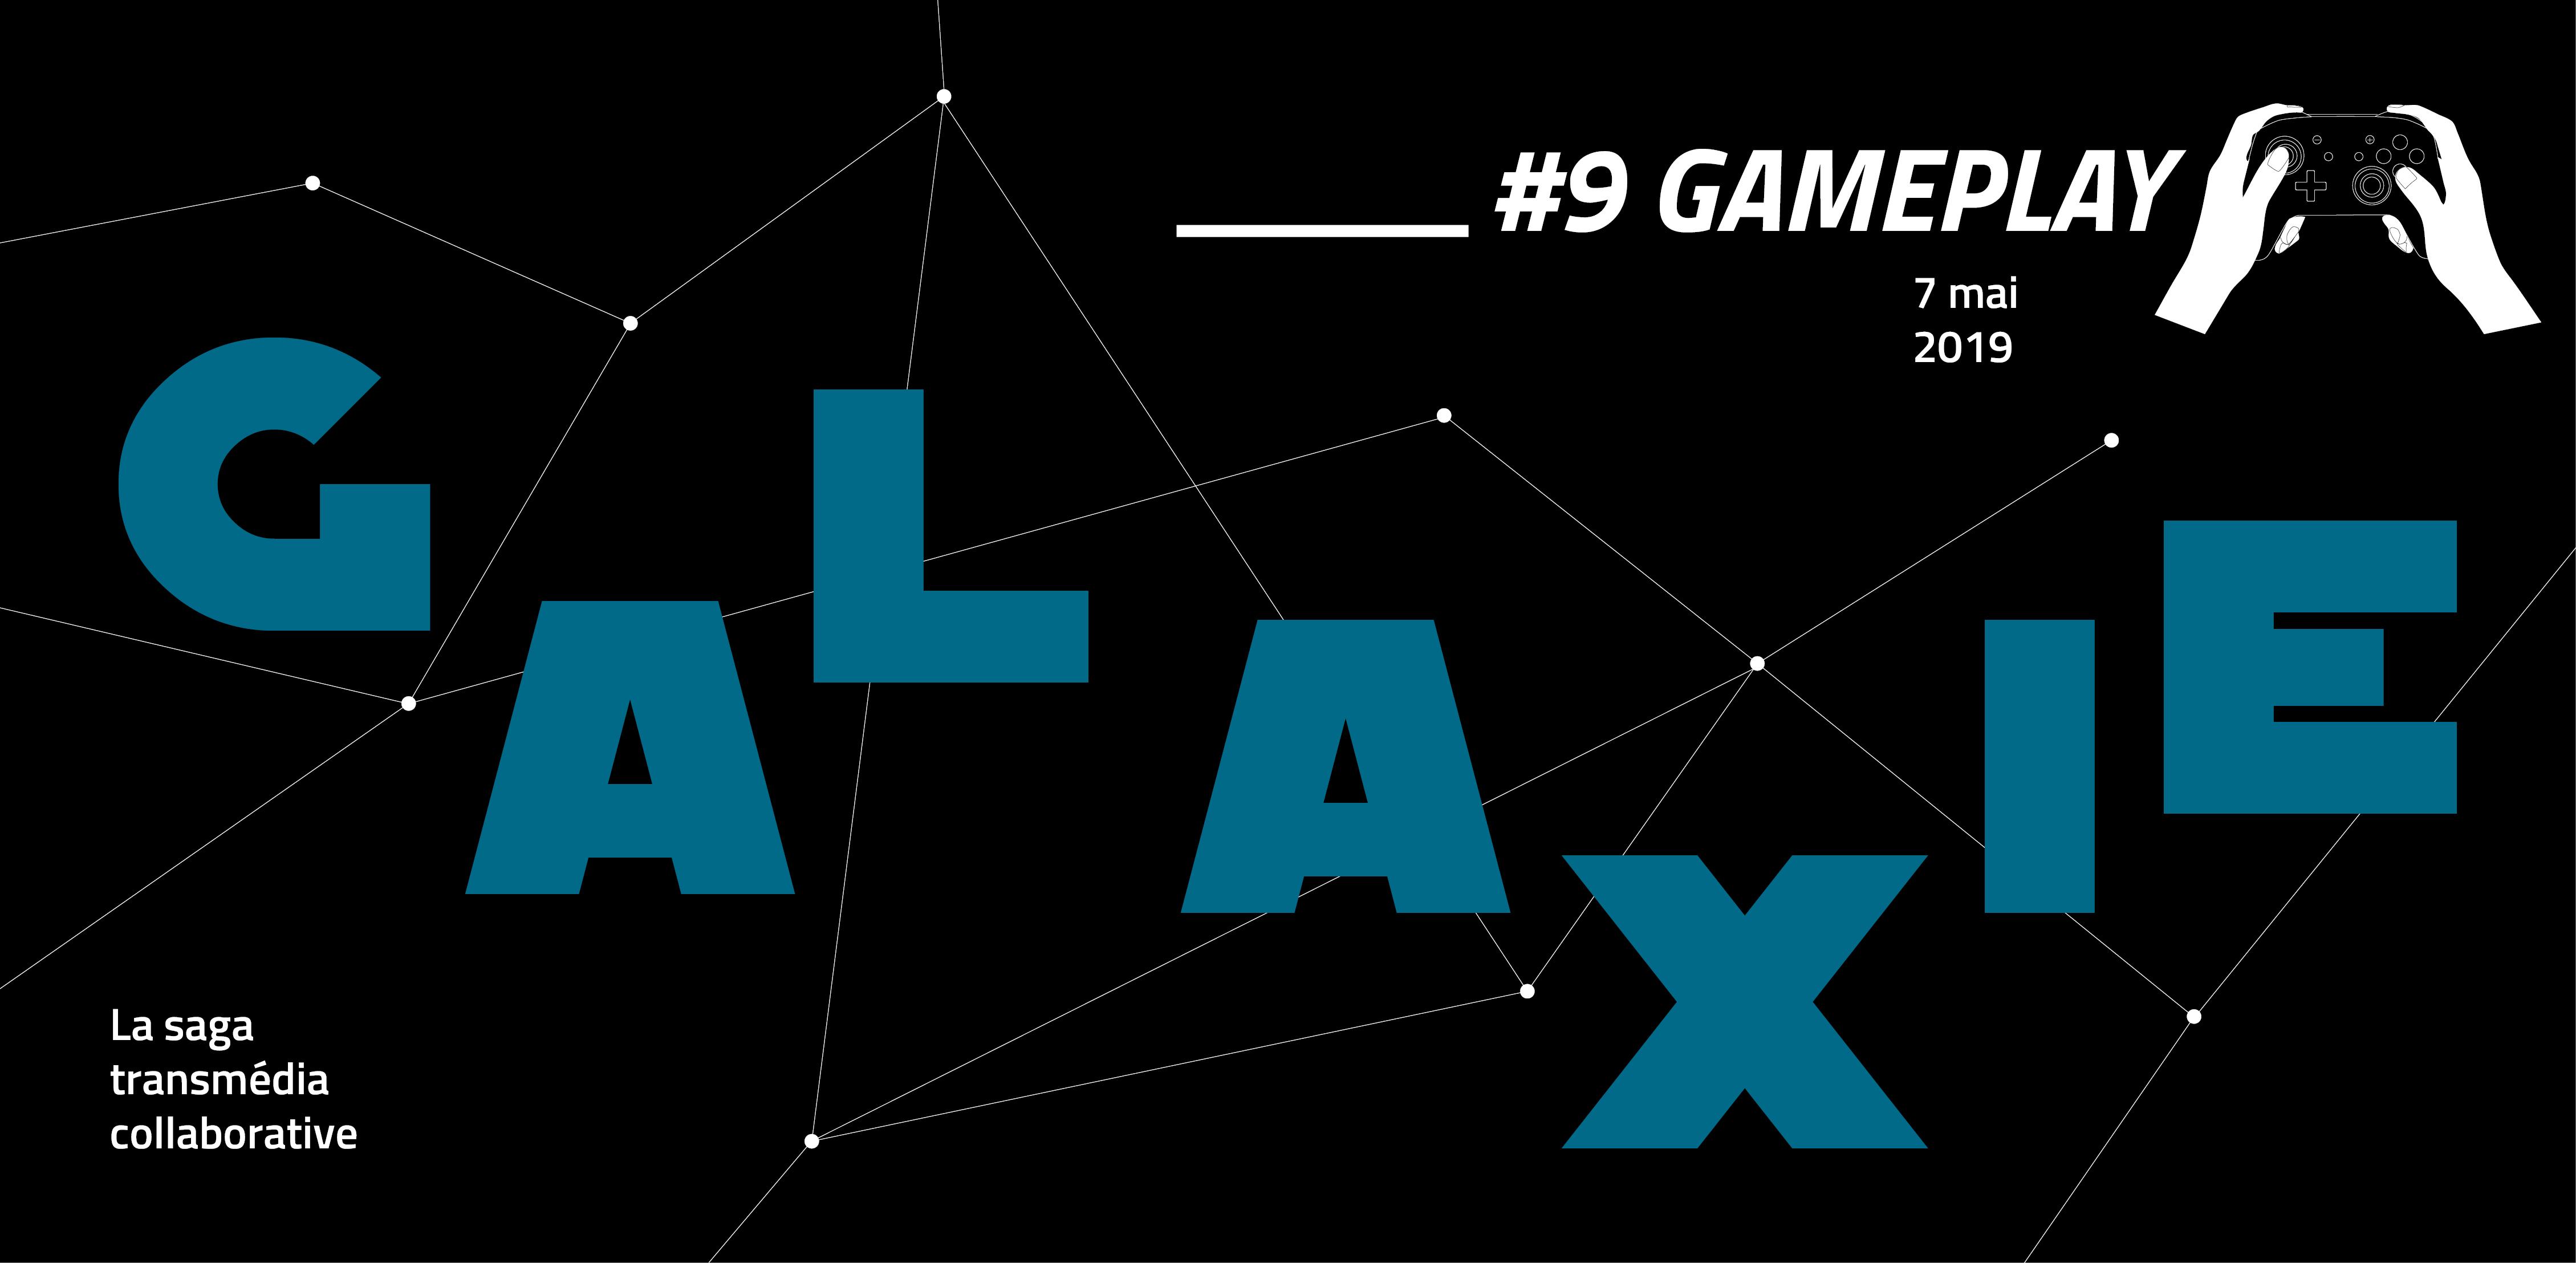 9_gameplay